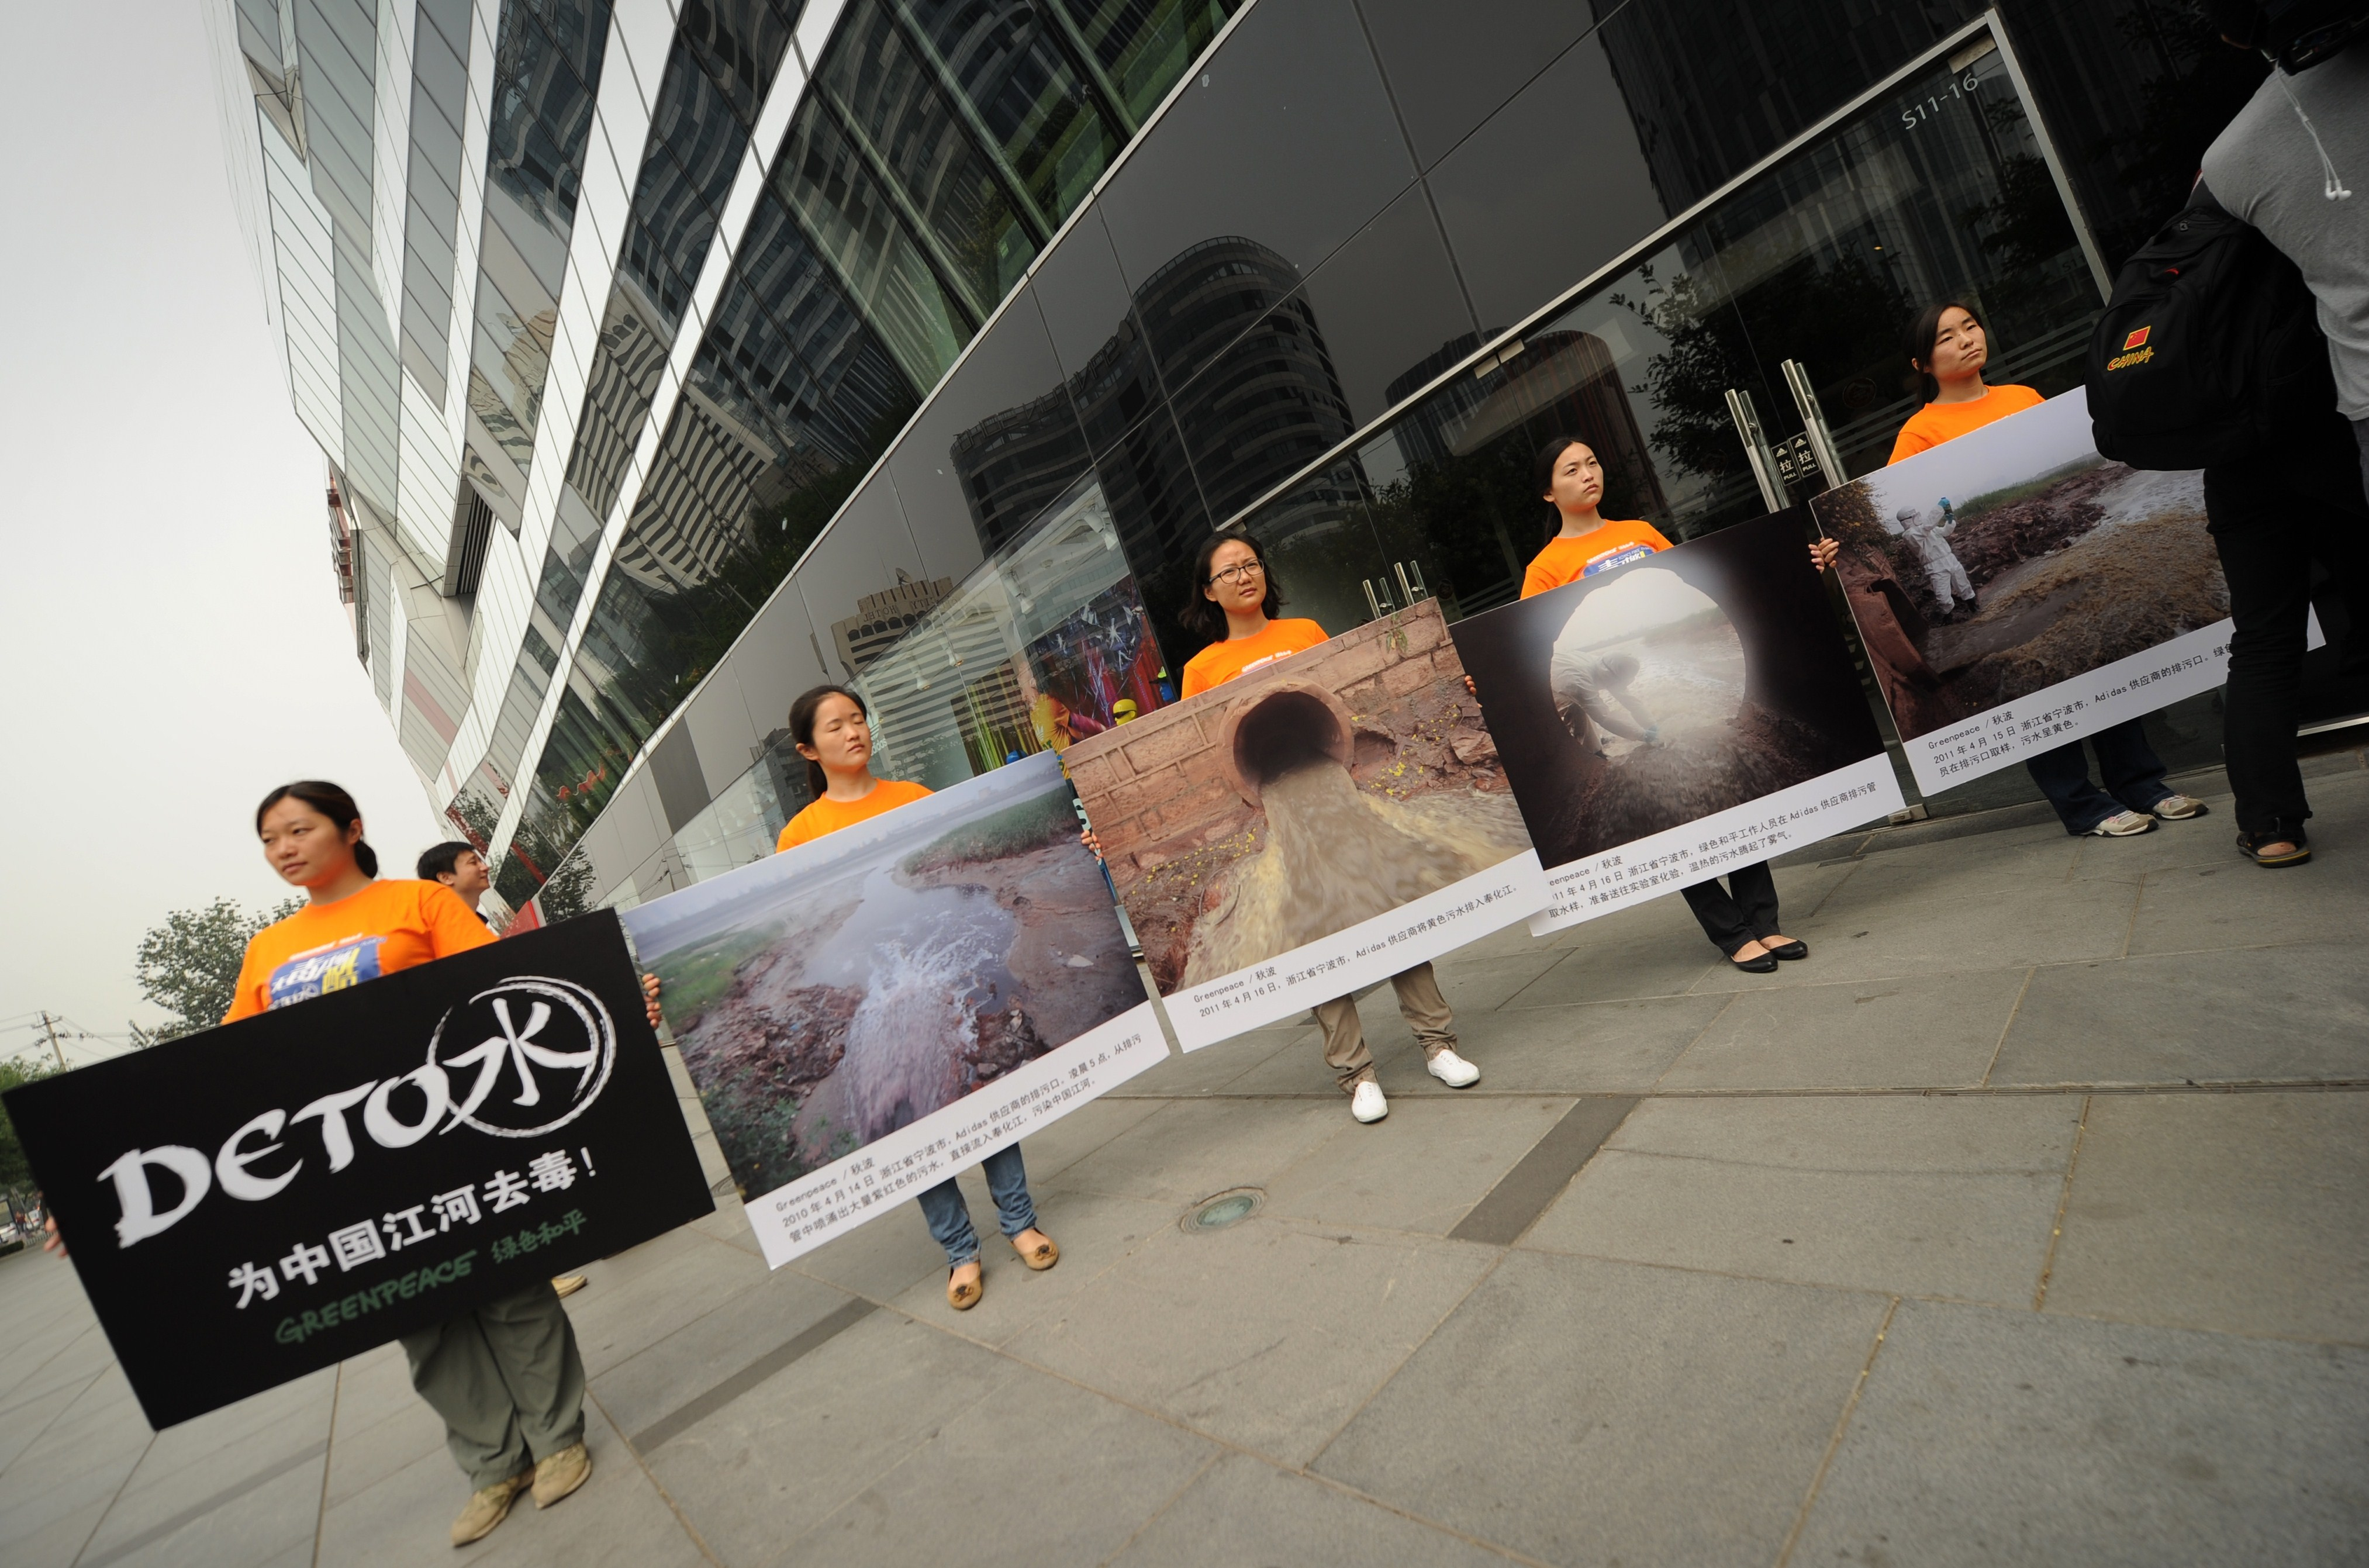 50.000 de muncitori chinezi acuza ca sunt exploatati de Adidas. Au declansat una dintre cele mai mari greve din istoria tarii